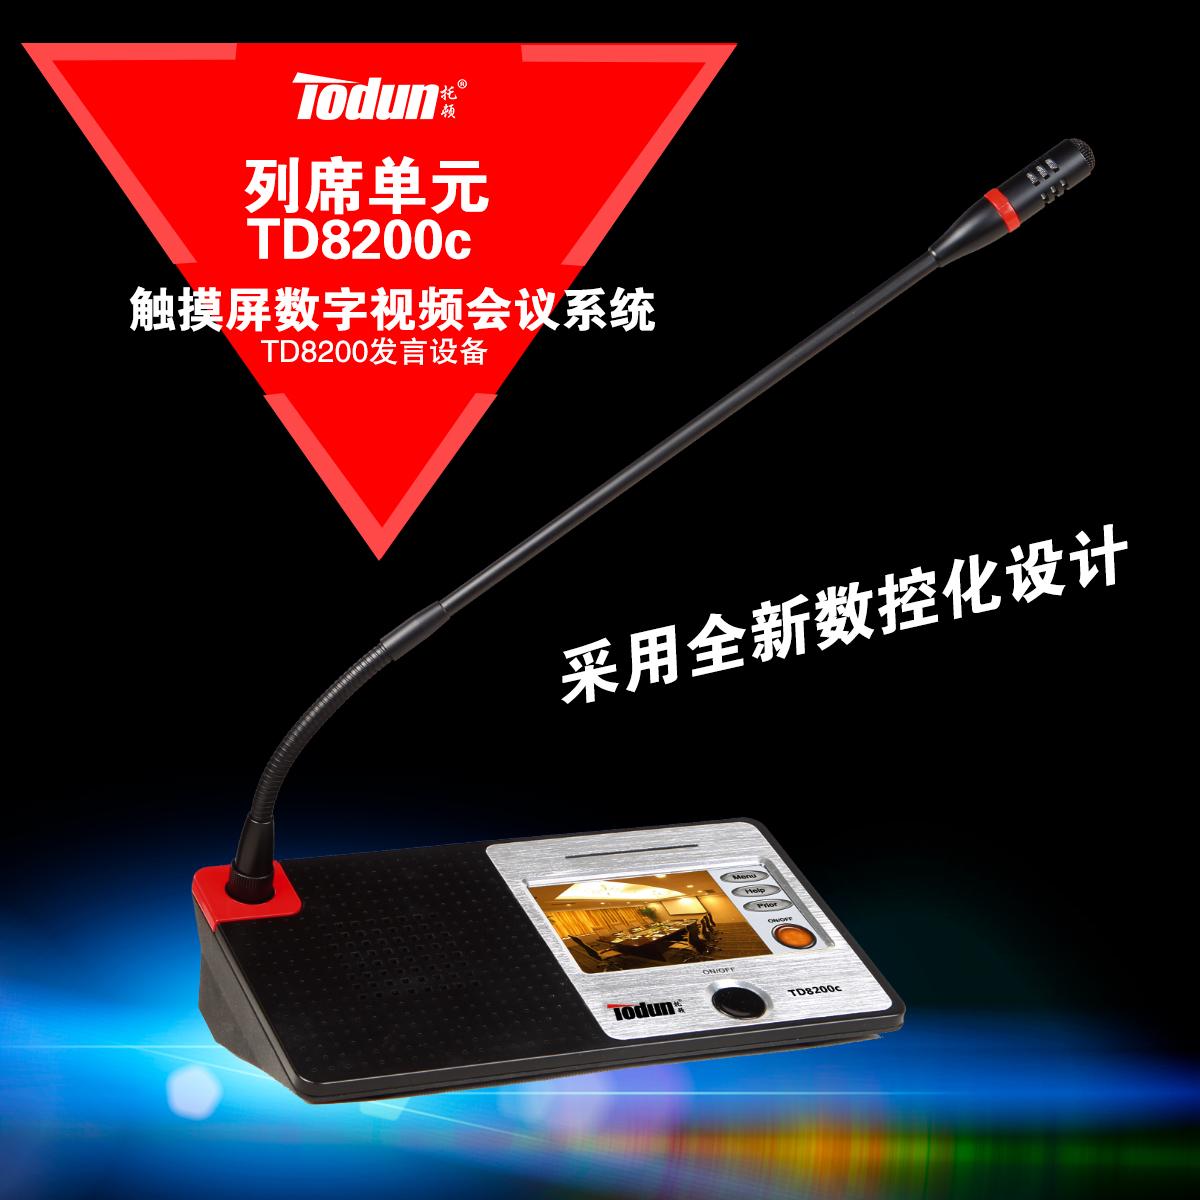 触摸屏会议系统 托顿TD8200c 高清触摸视频会议系统选举评议功能